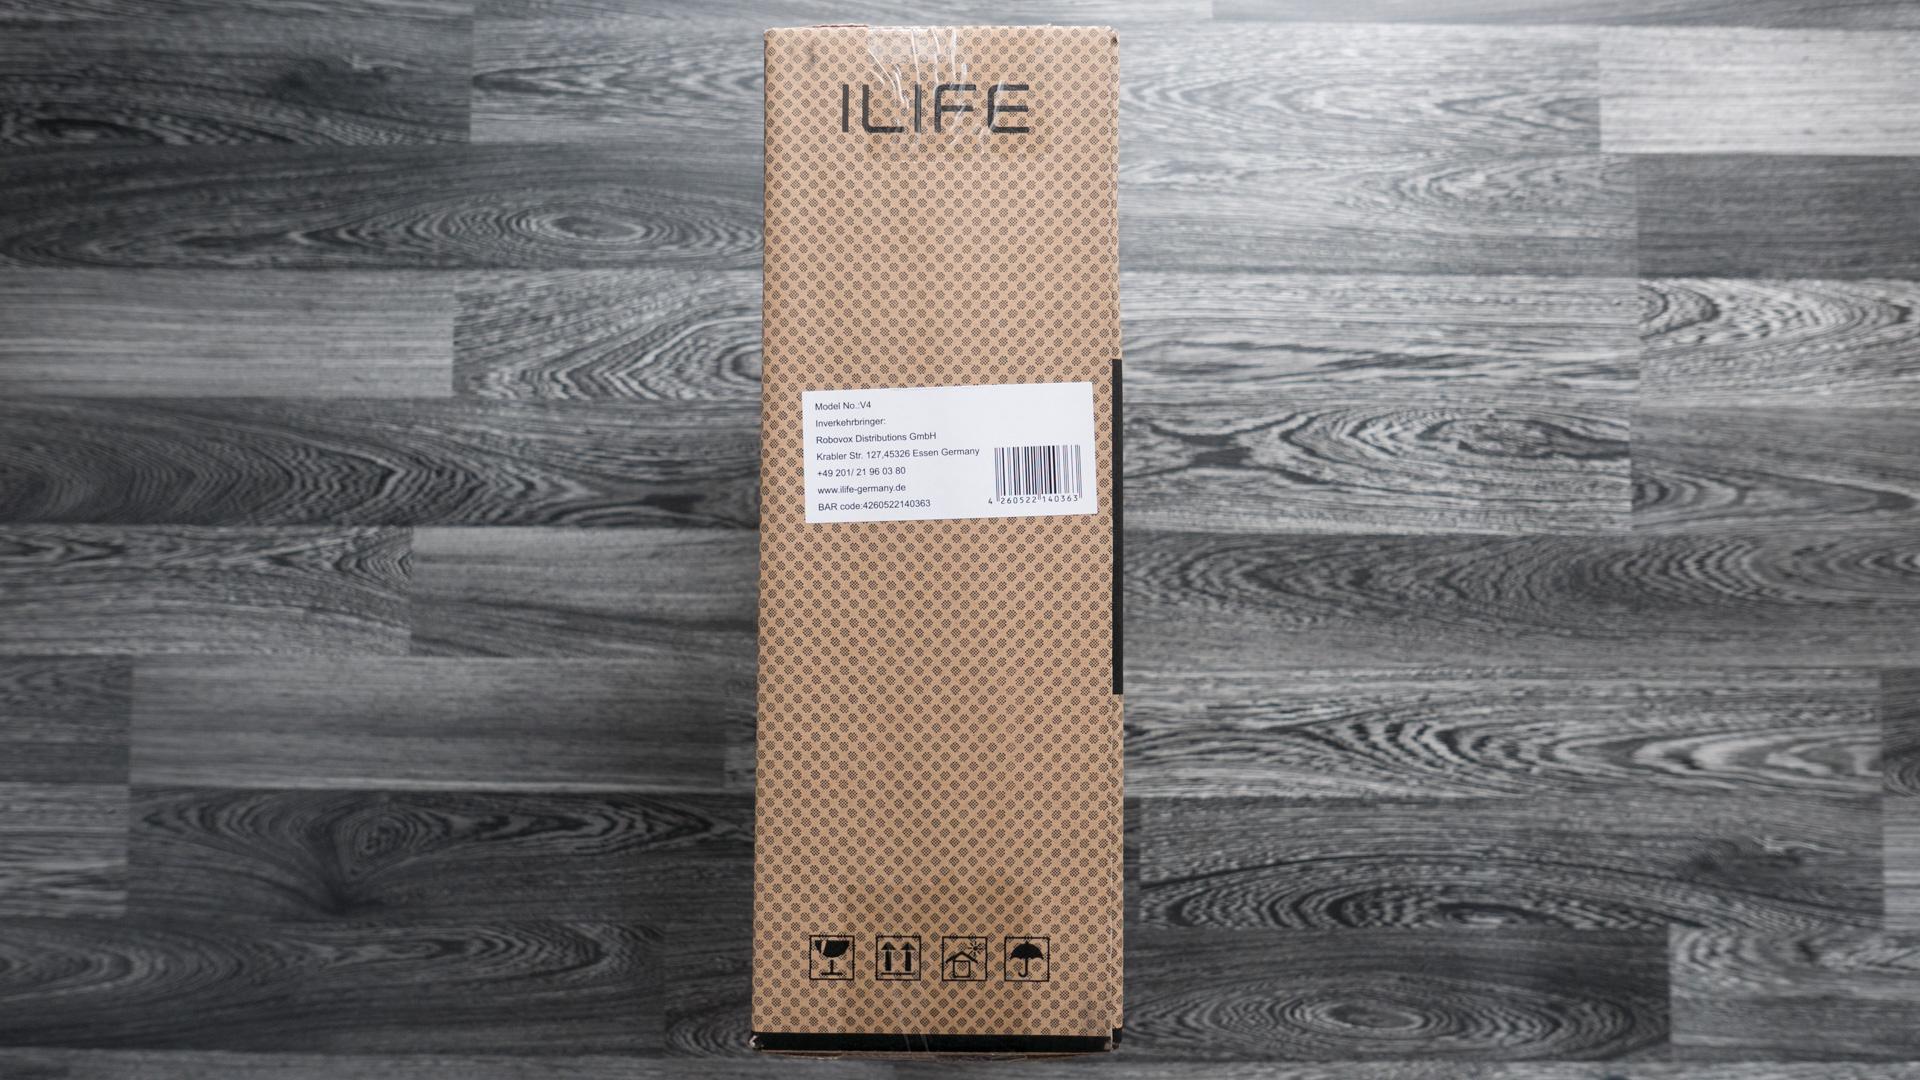 ILIFE V4 Unboxing 05